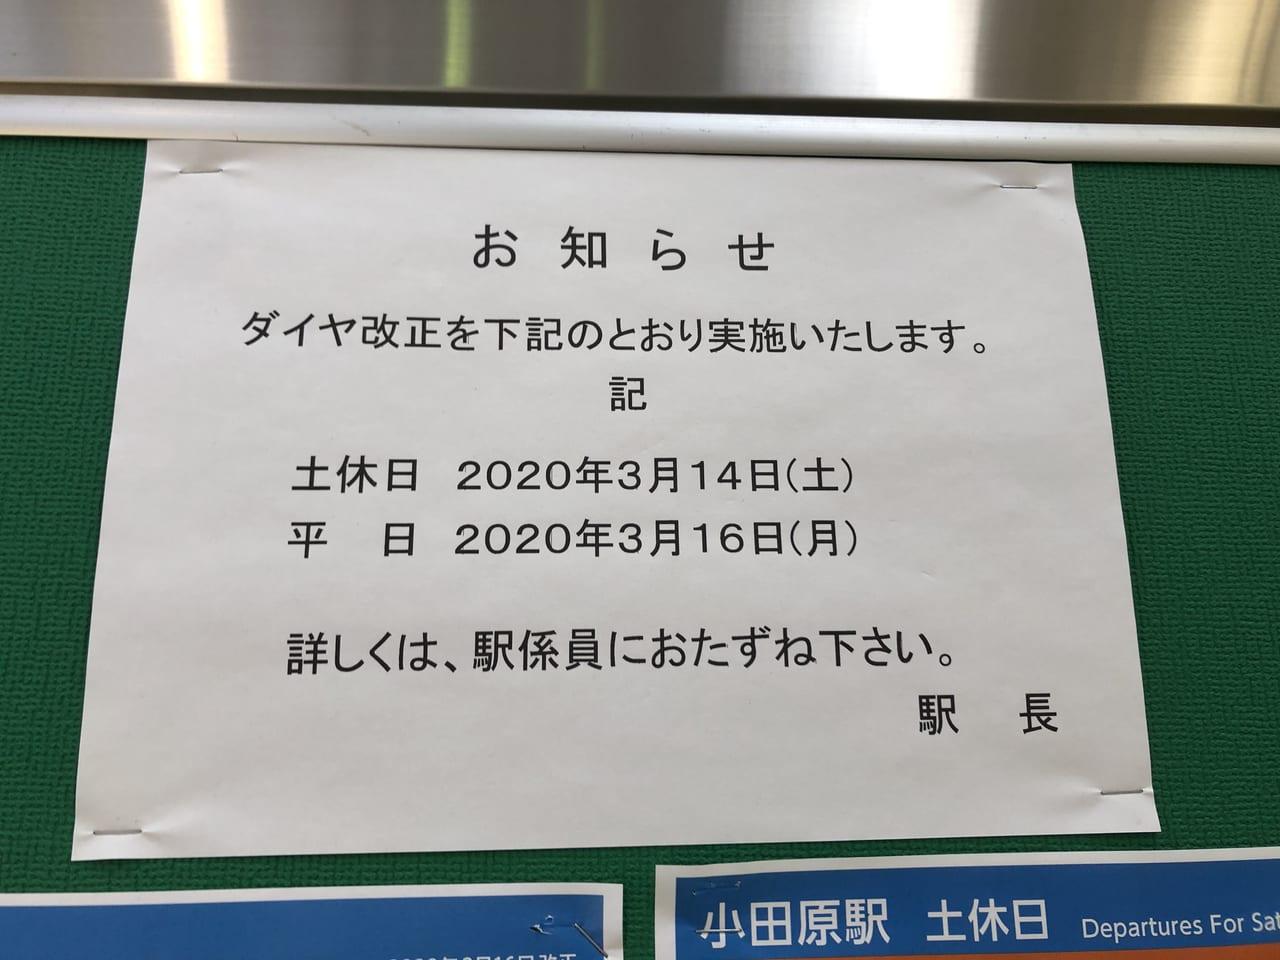 ダイヤ 改正 小田急